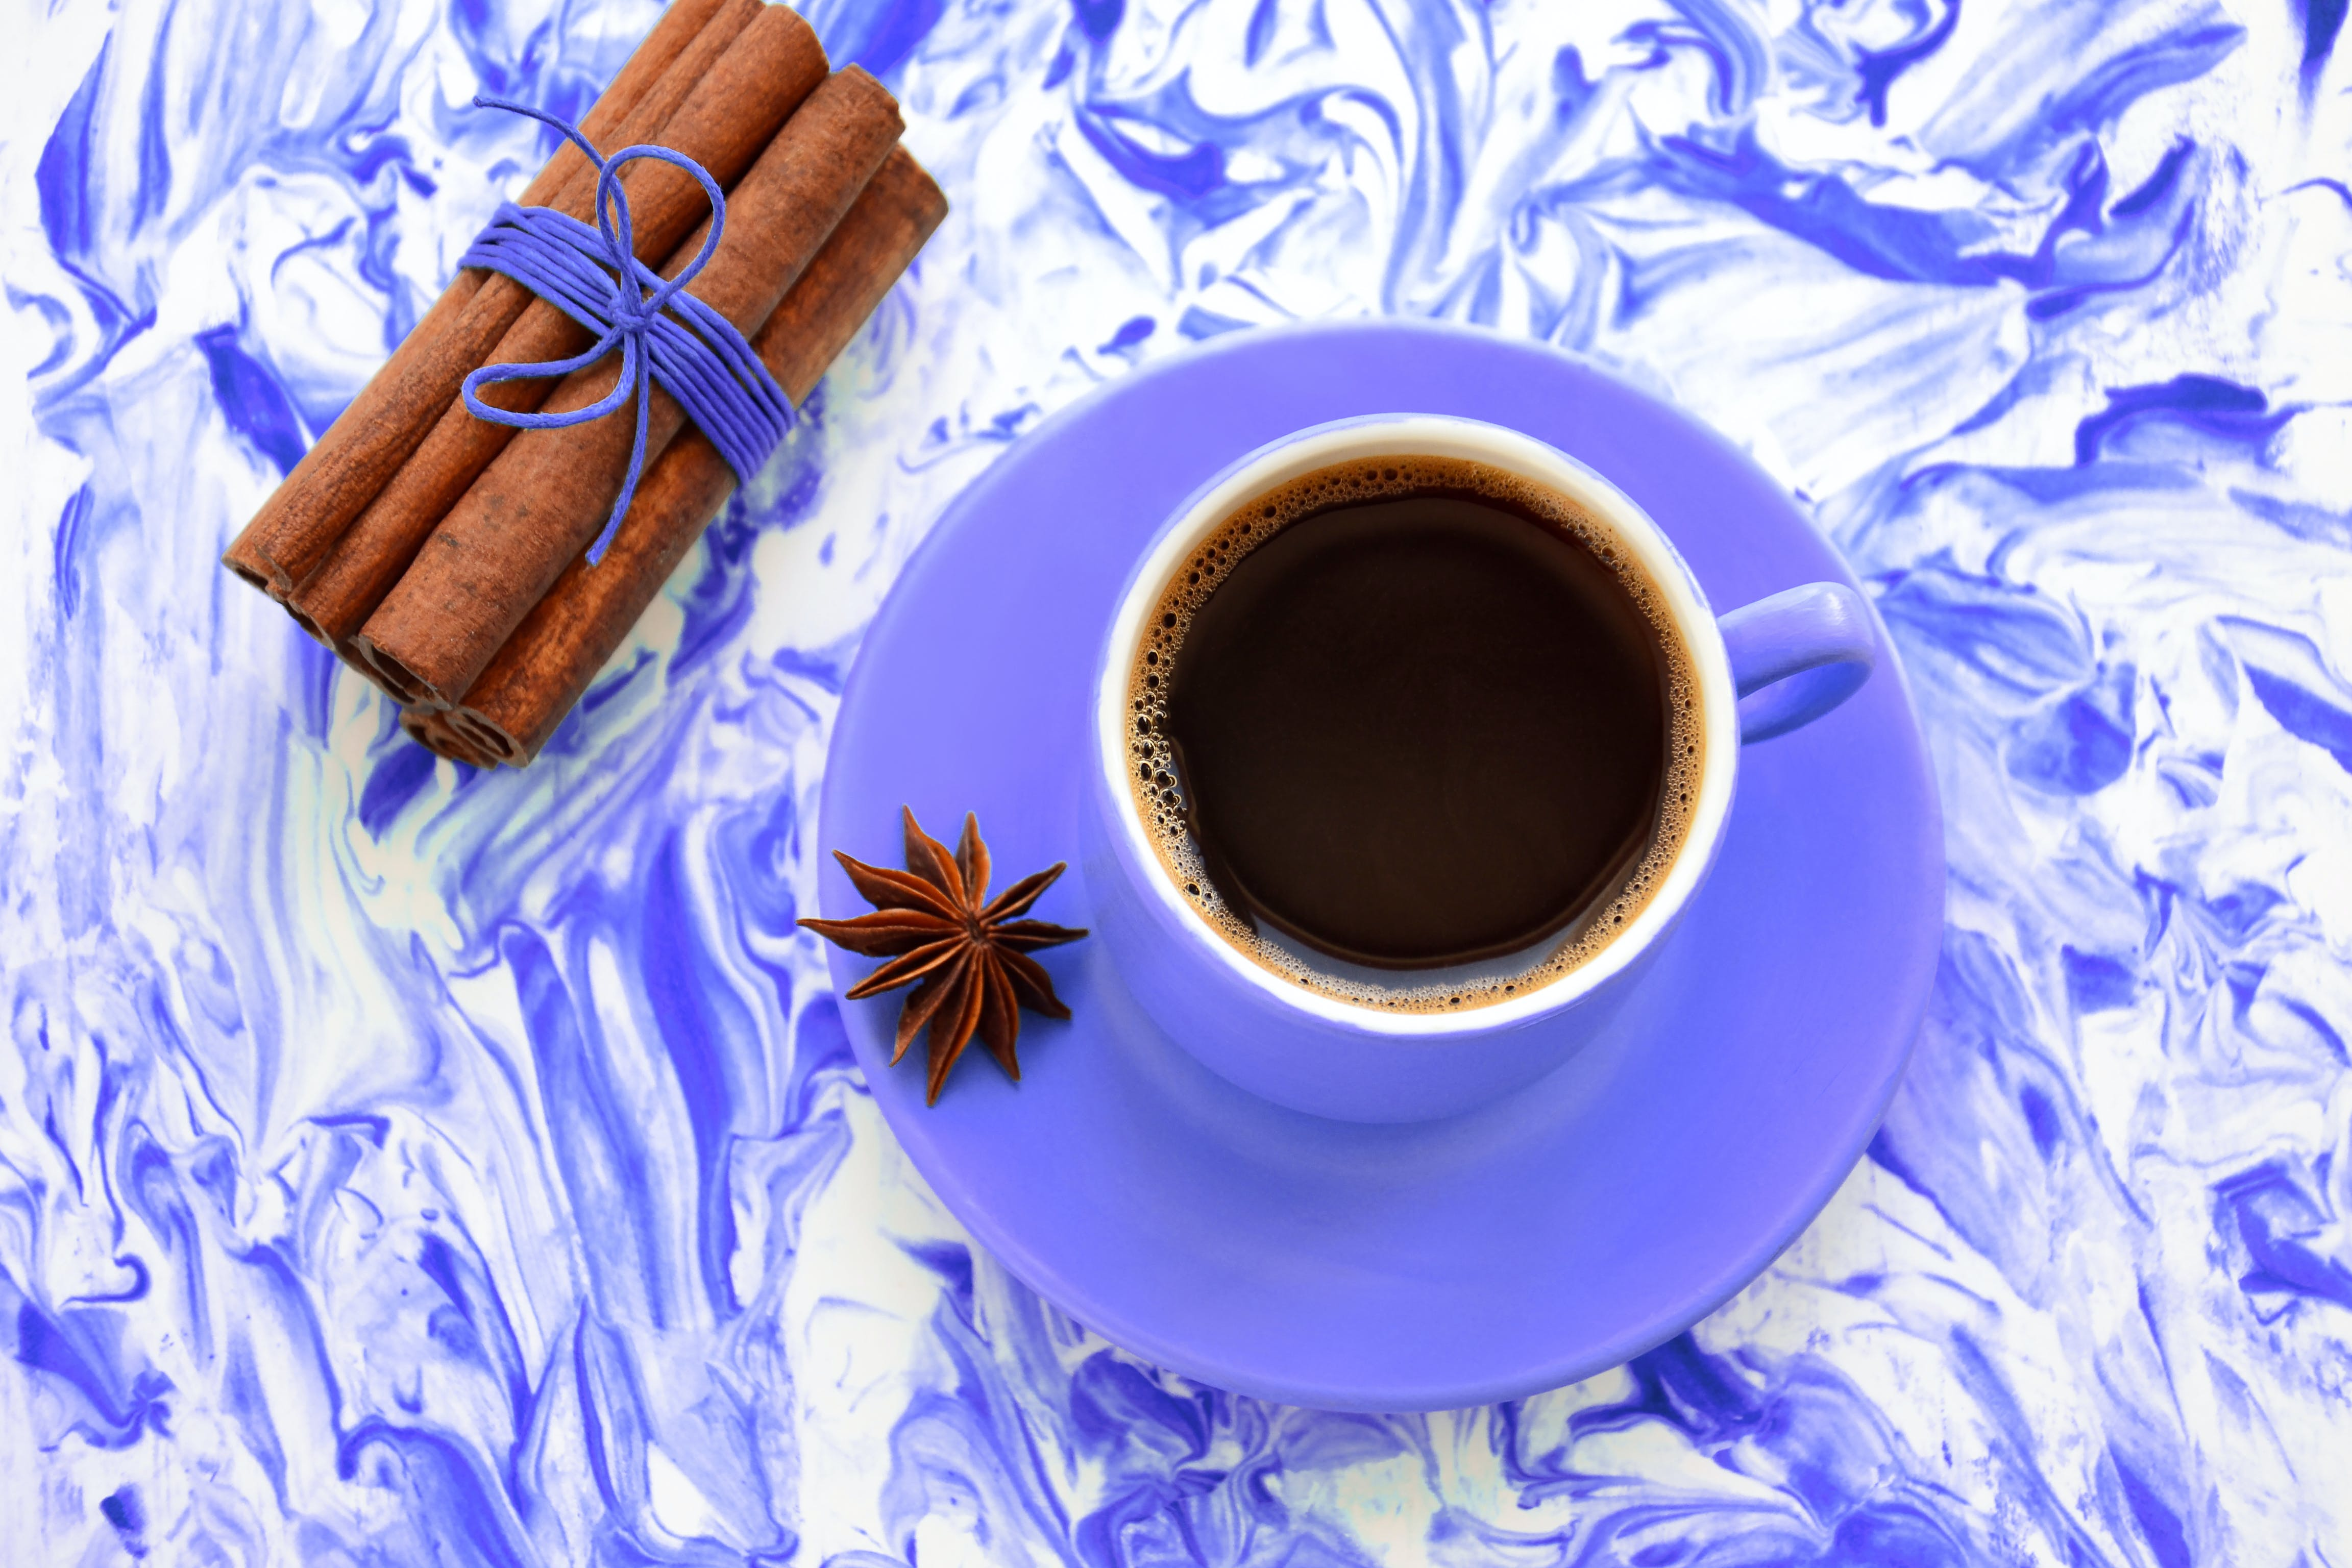 Kostenloses Stock Foto zu anis, aquarell, becher, frühstück